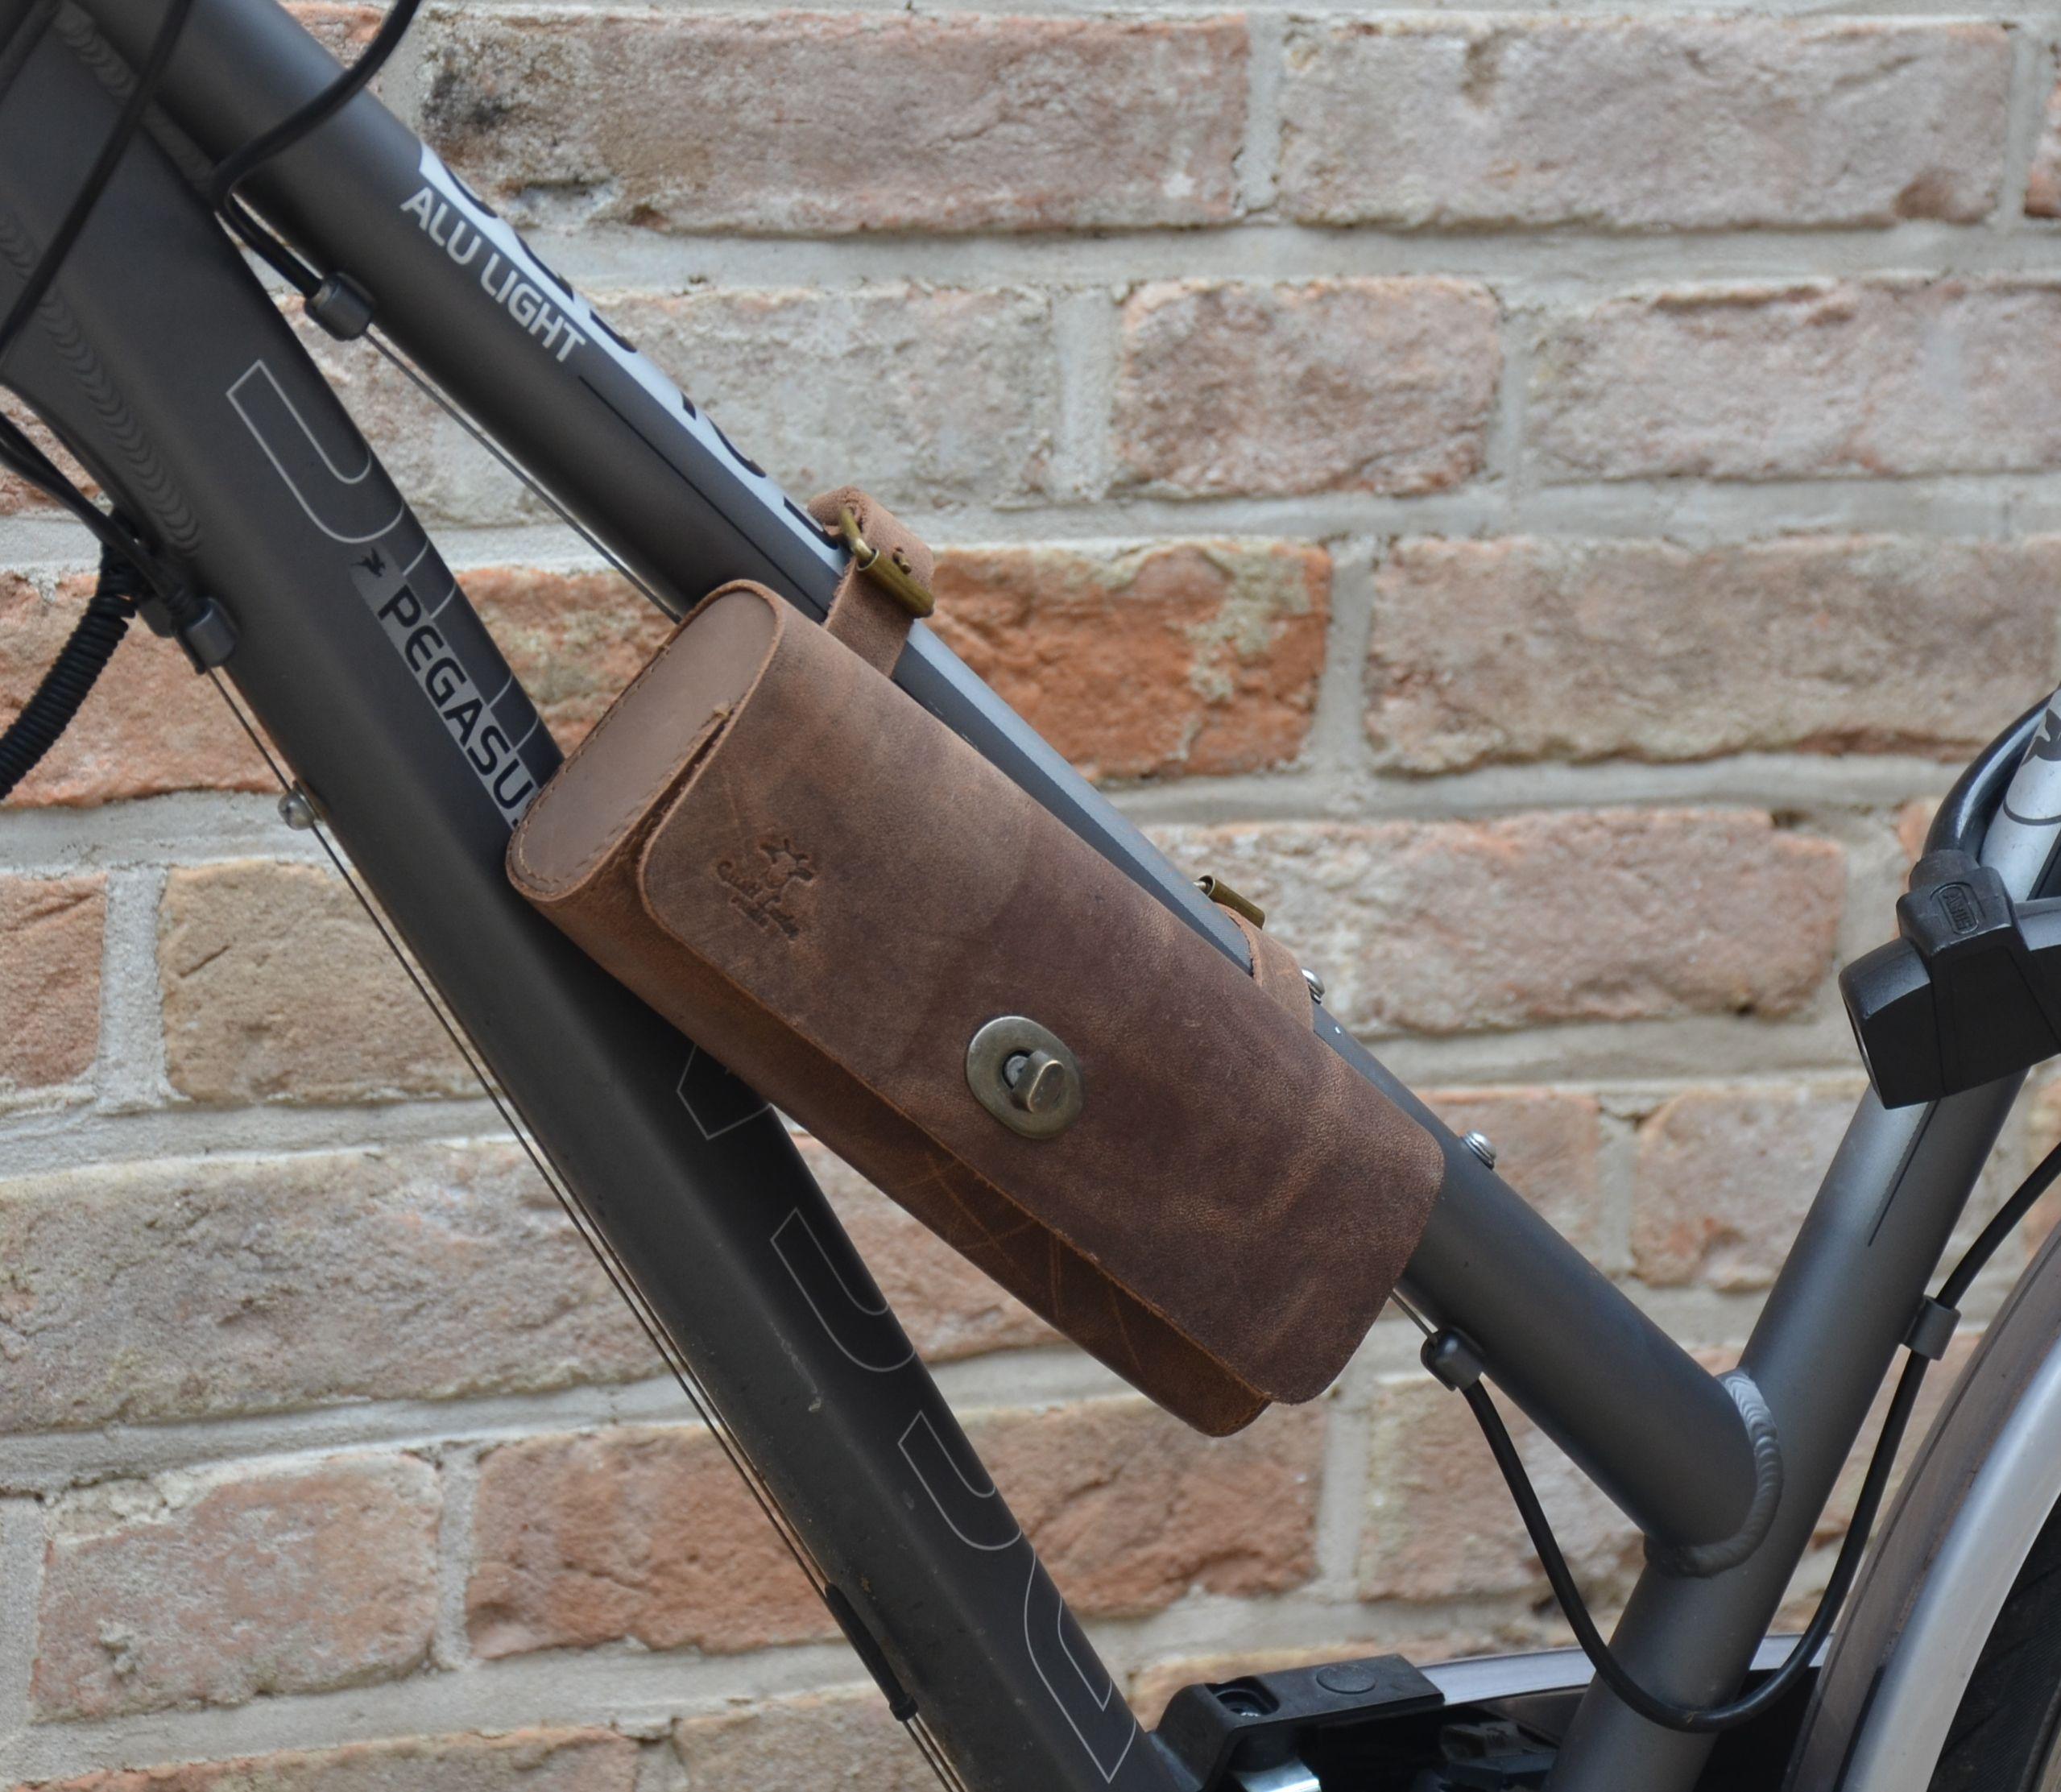 Fahrradtasche Lenkertasche Leder Klein Fahrrad Satteltasche